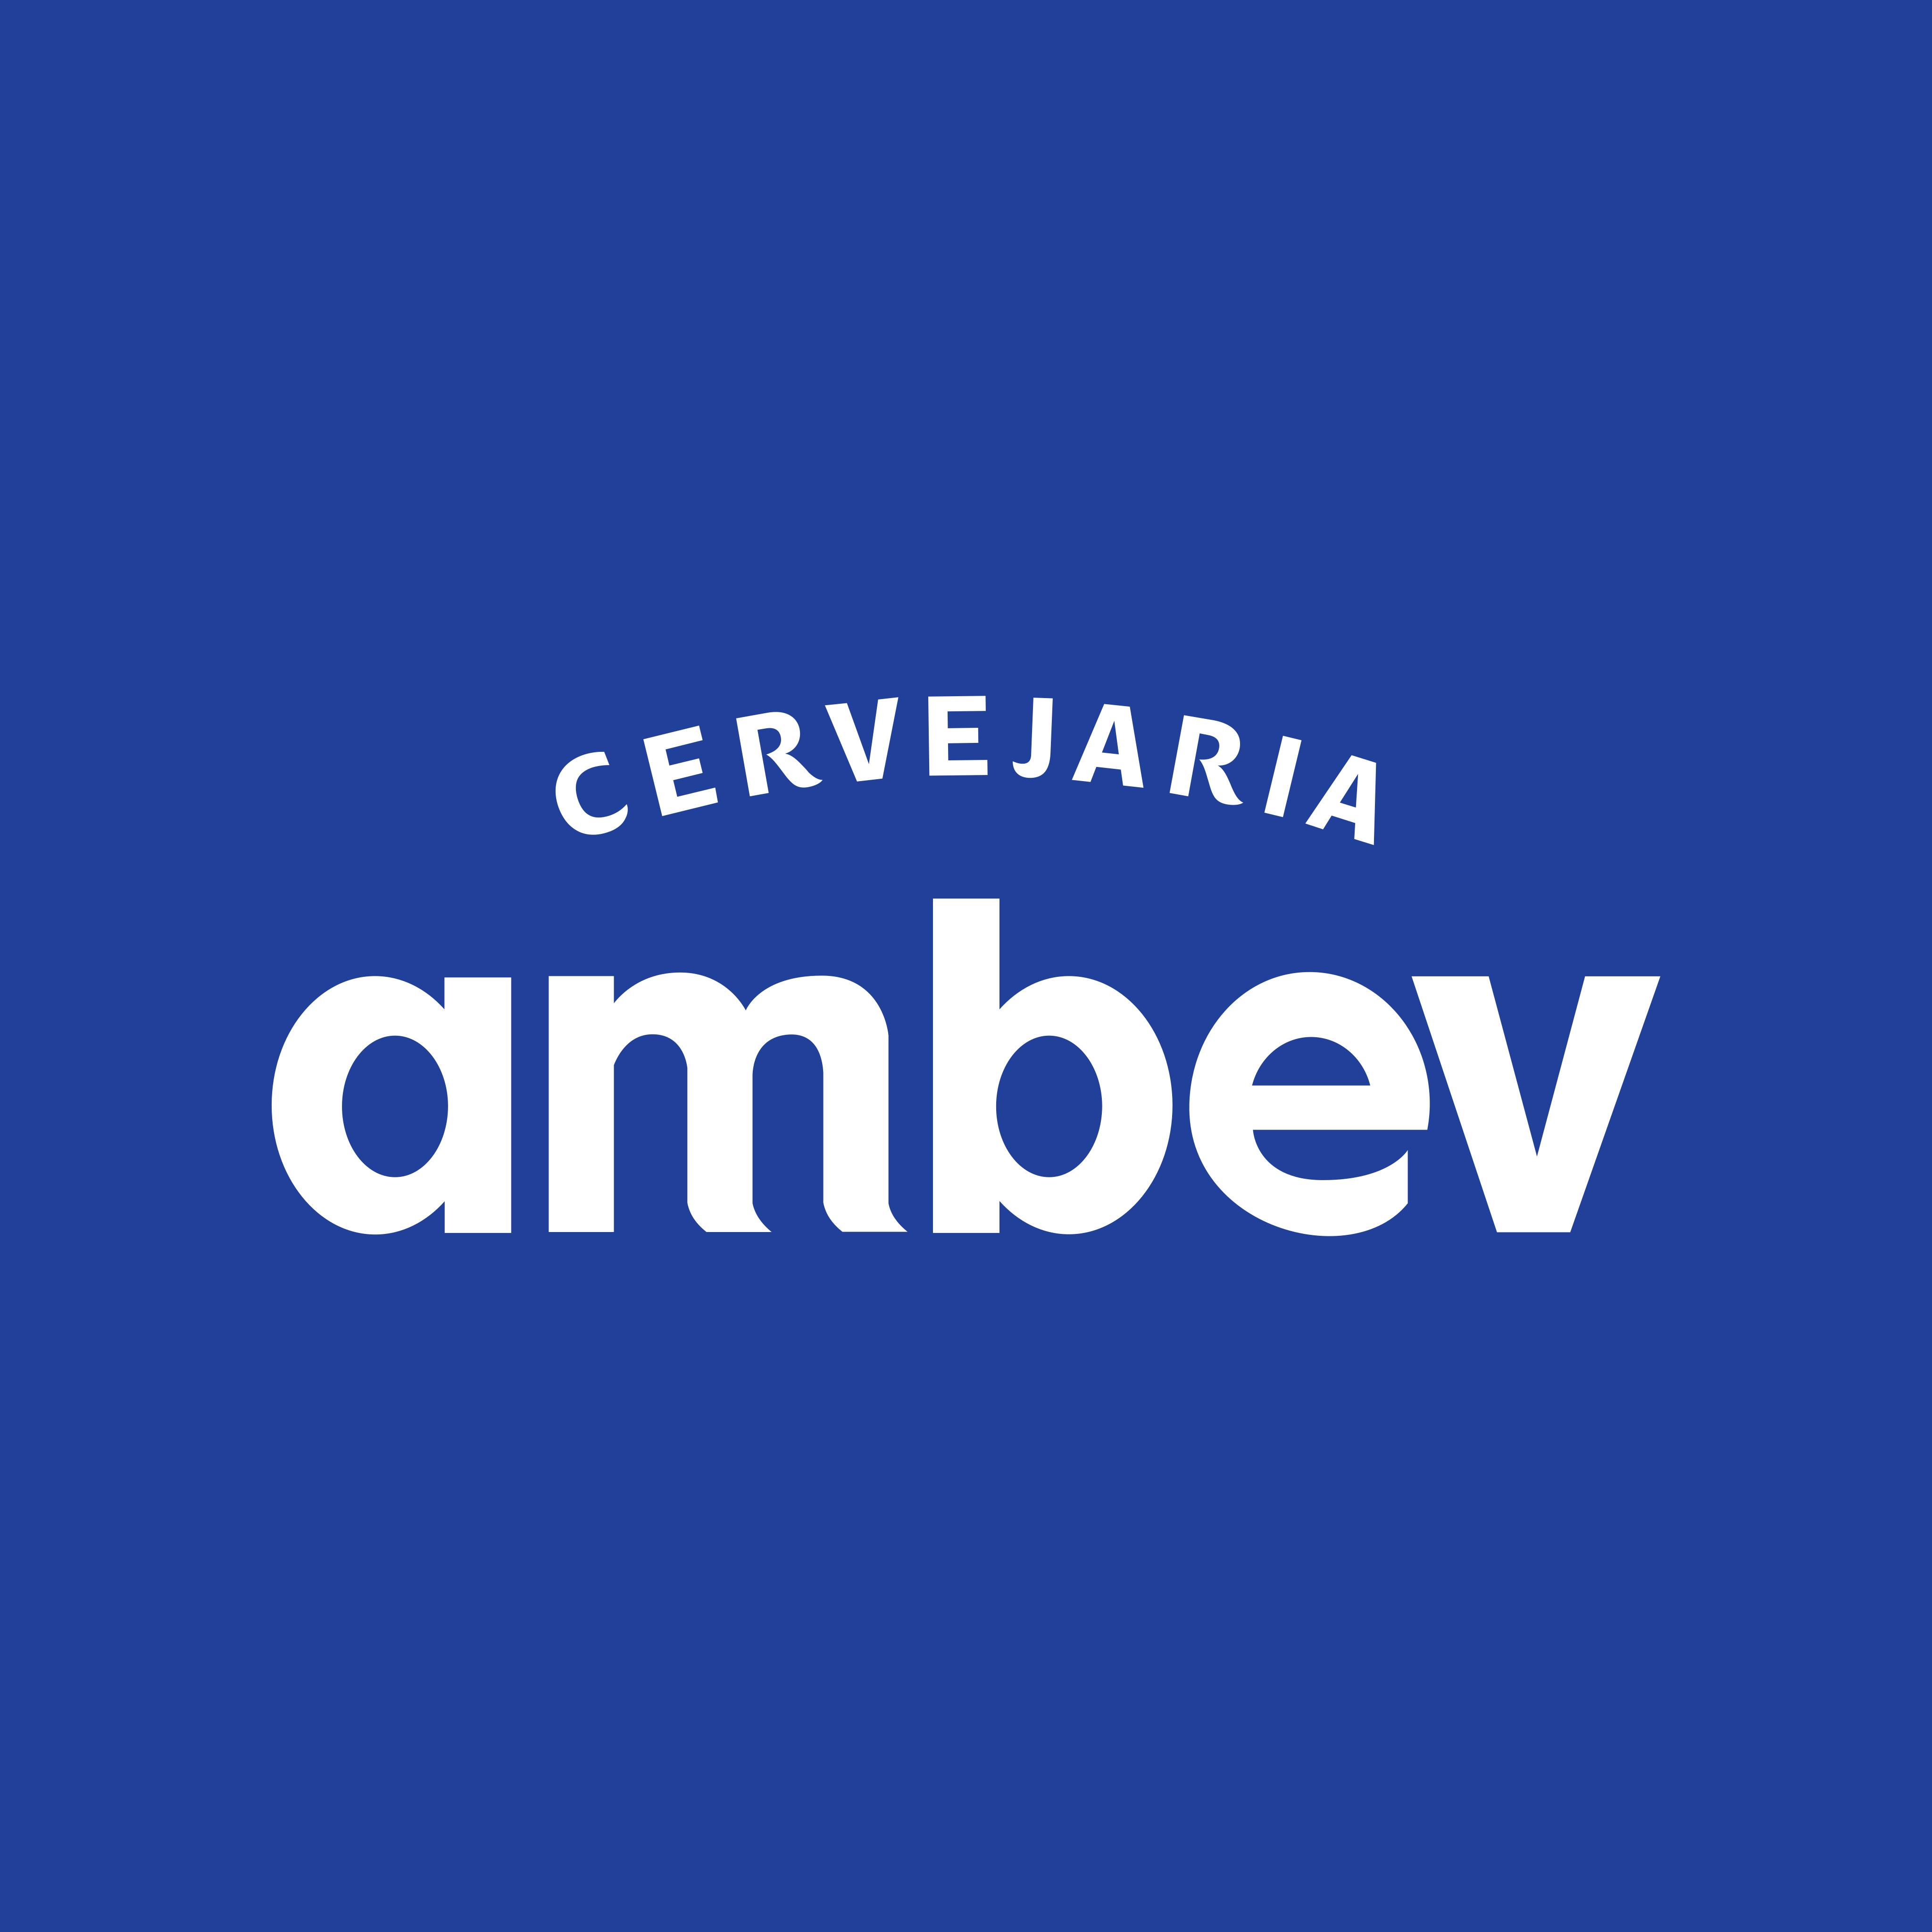 ambev logo - Ambev Logo